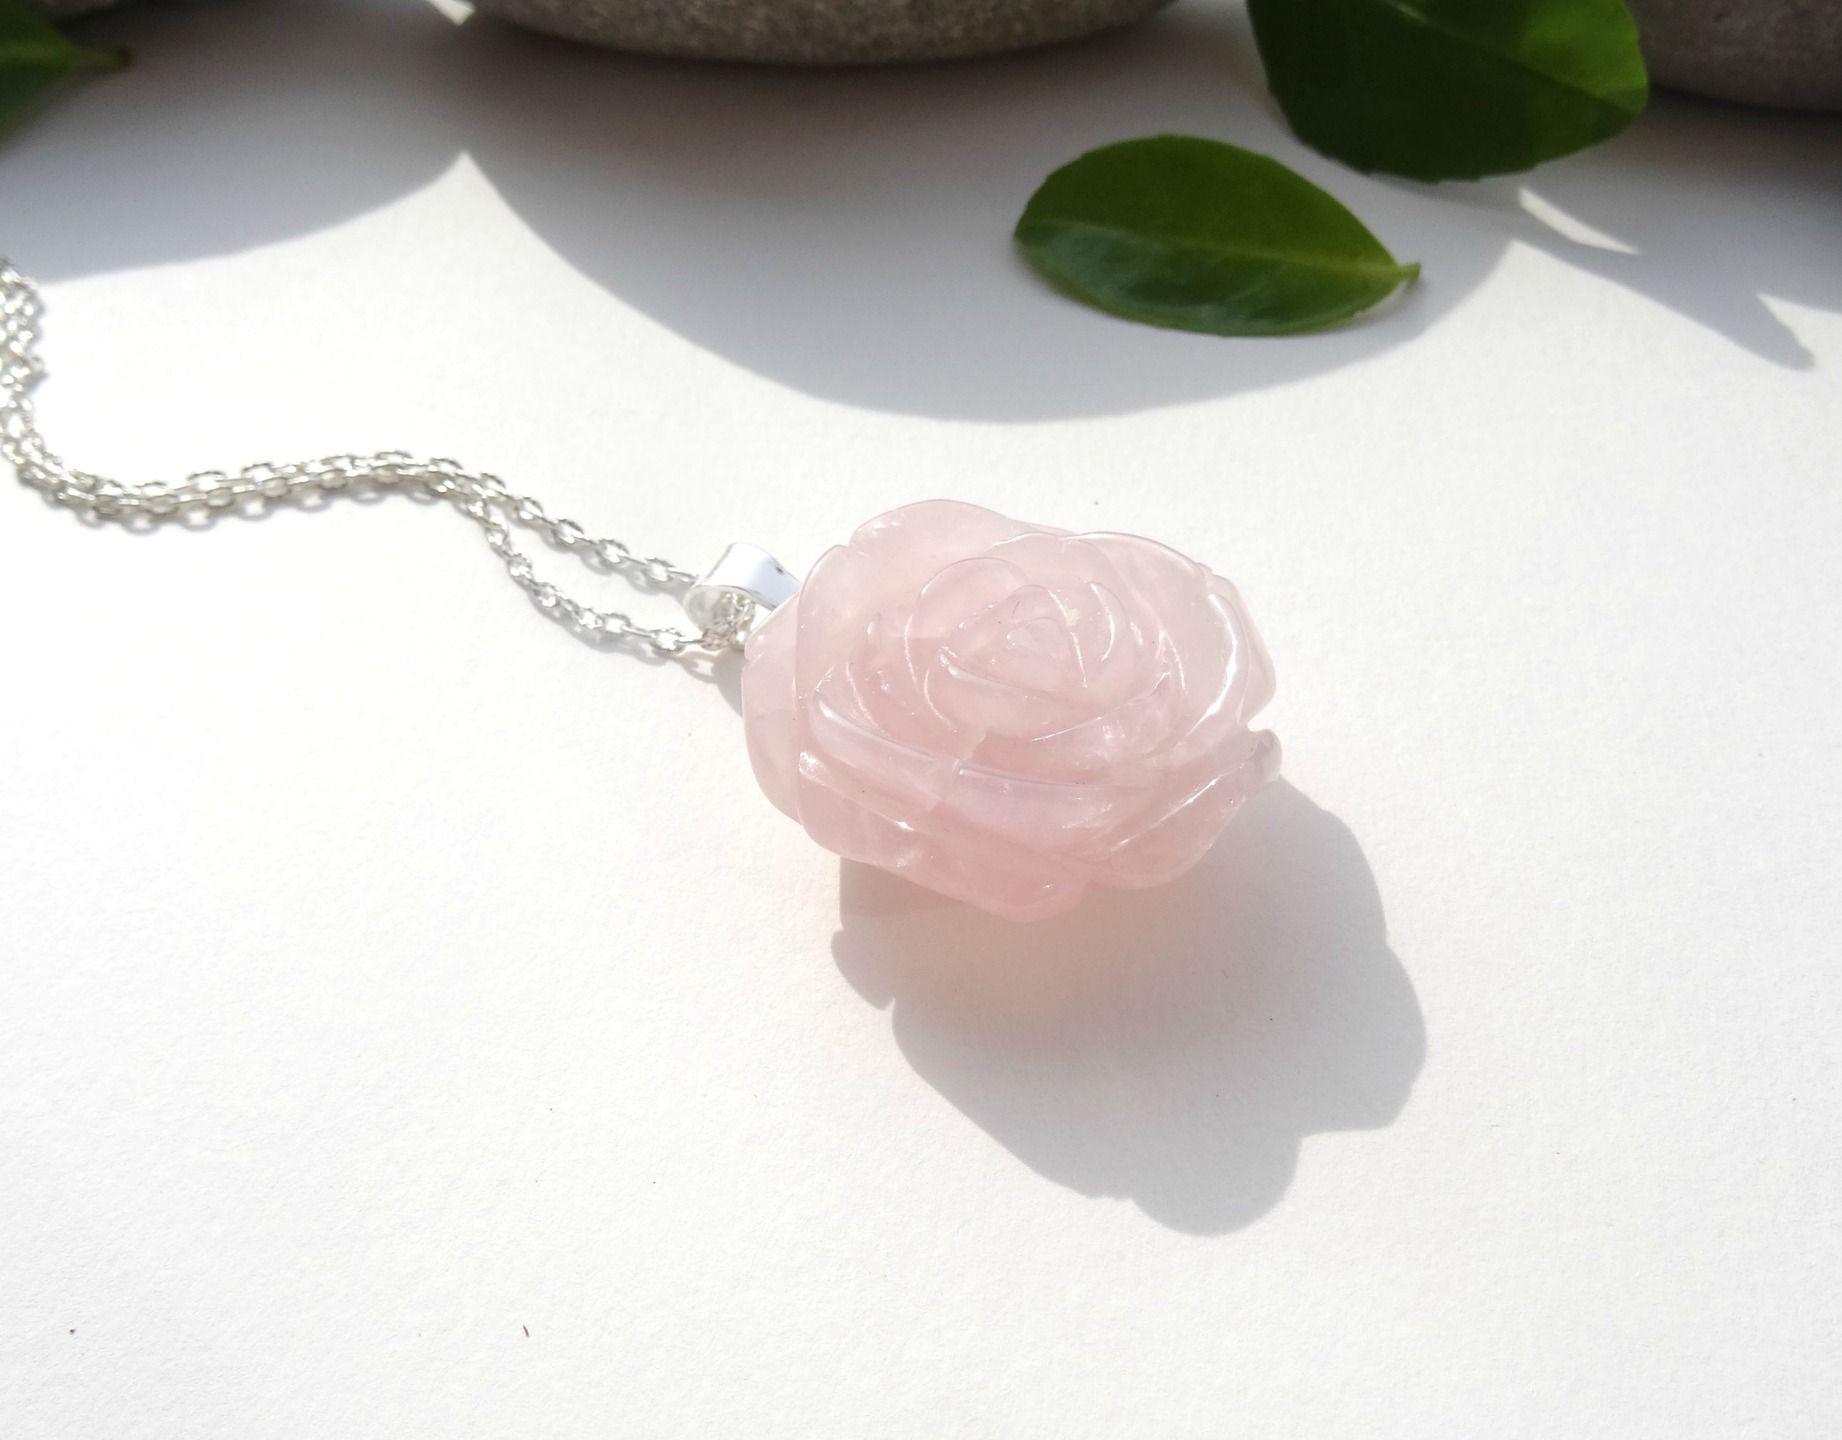 Plaqué Argent Naturel Quartz Rose Cristal Gemme Coeur Forme Pendentif Bijoux